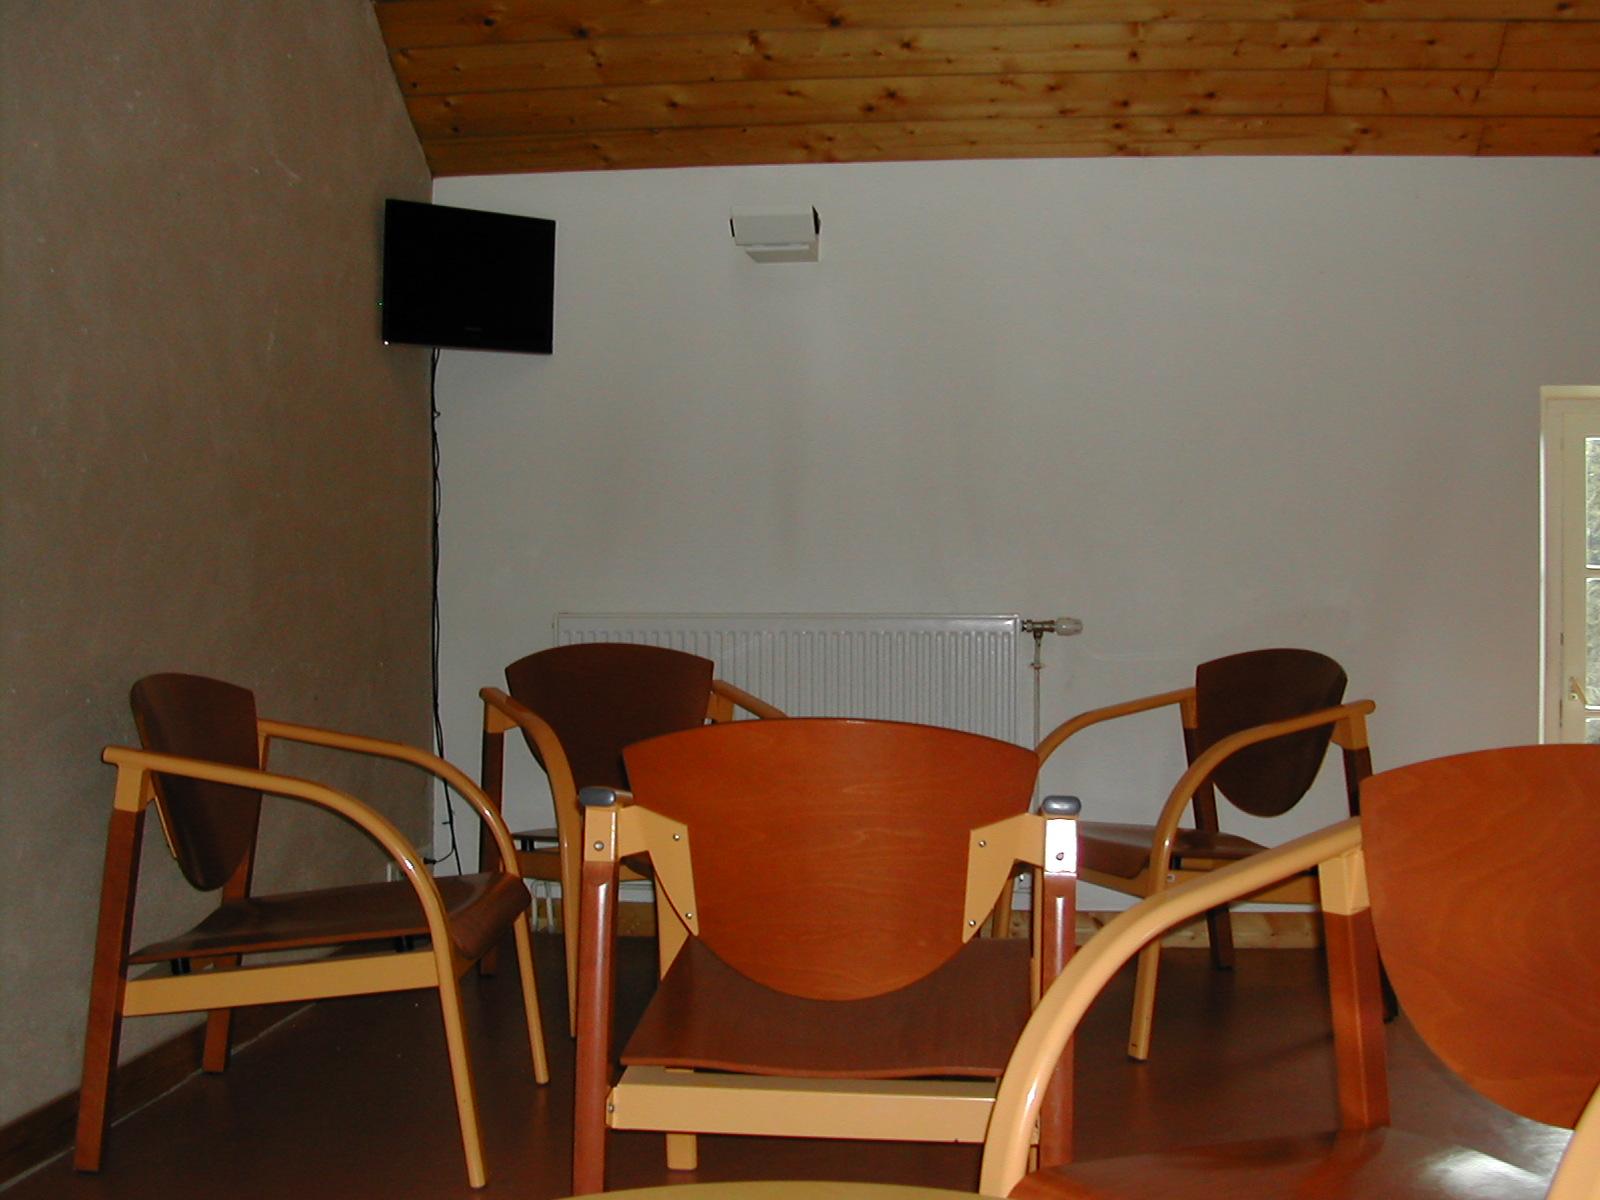 Un salon en mezzanine surplombant la salle à manger.